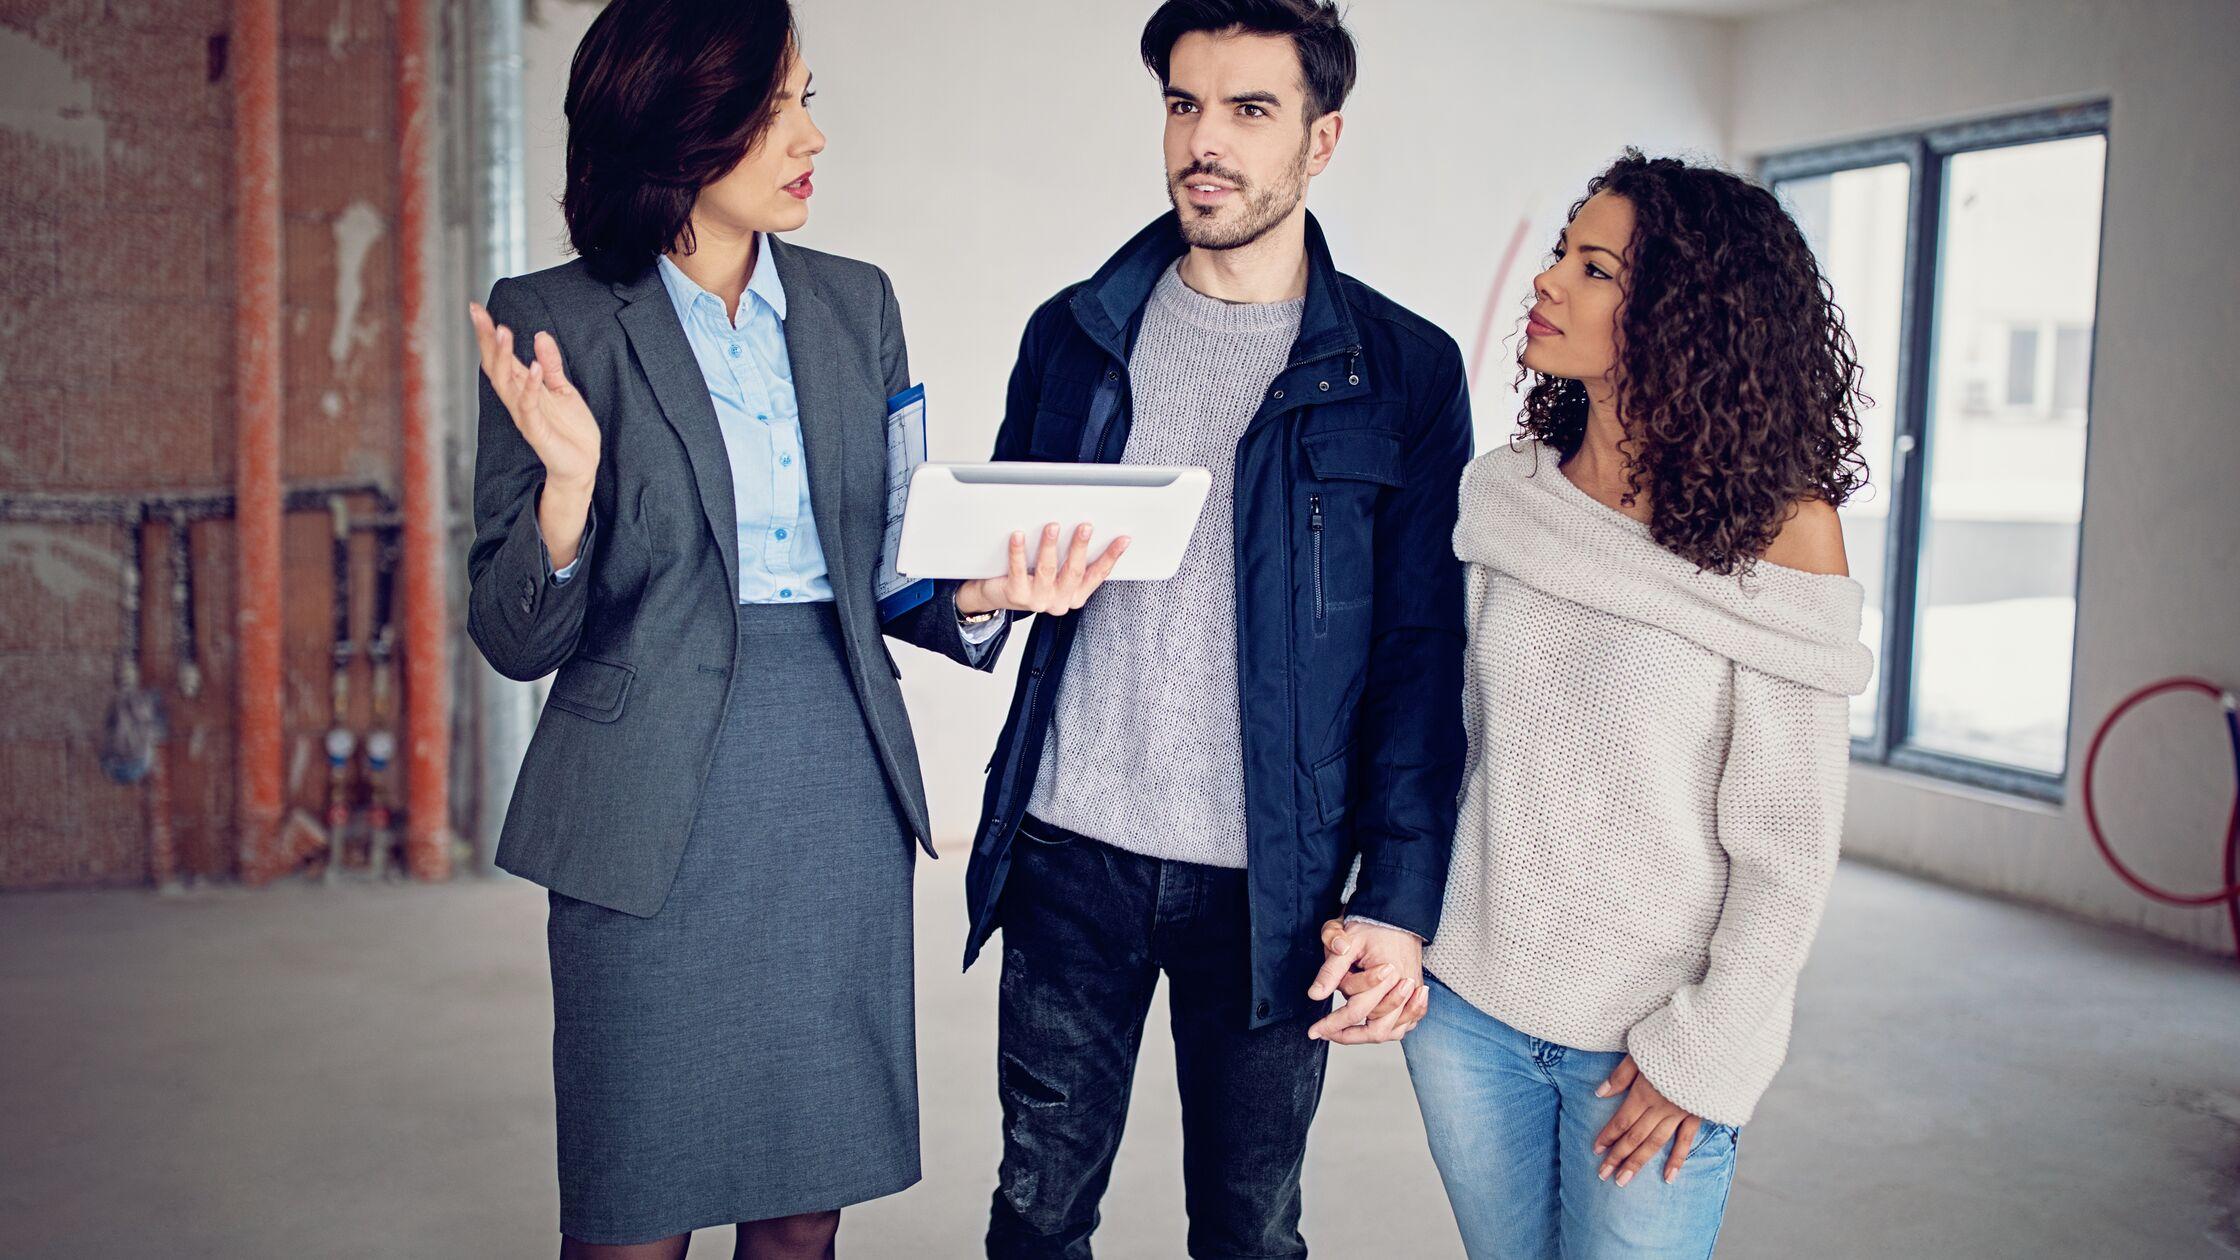 Maklerprovision beim Hauskauf: Wer zahlt die Maklergebühr?